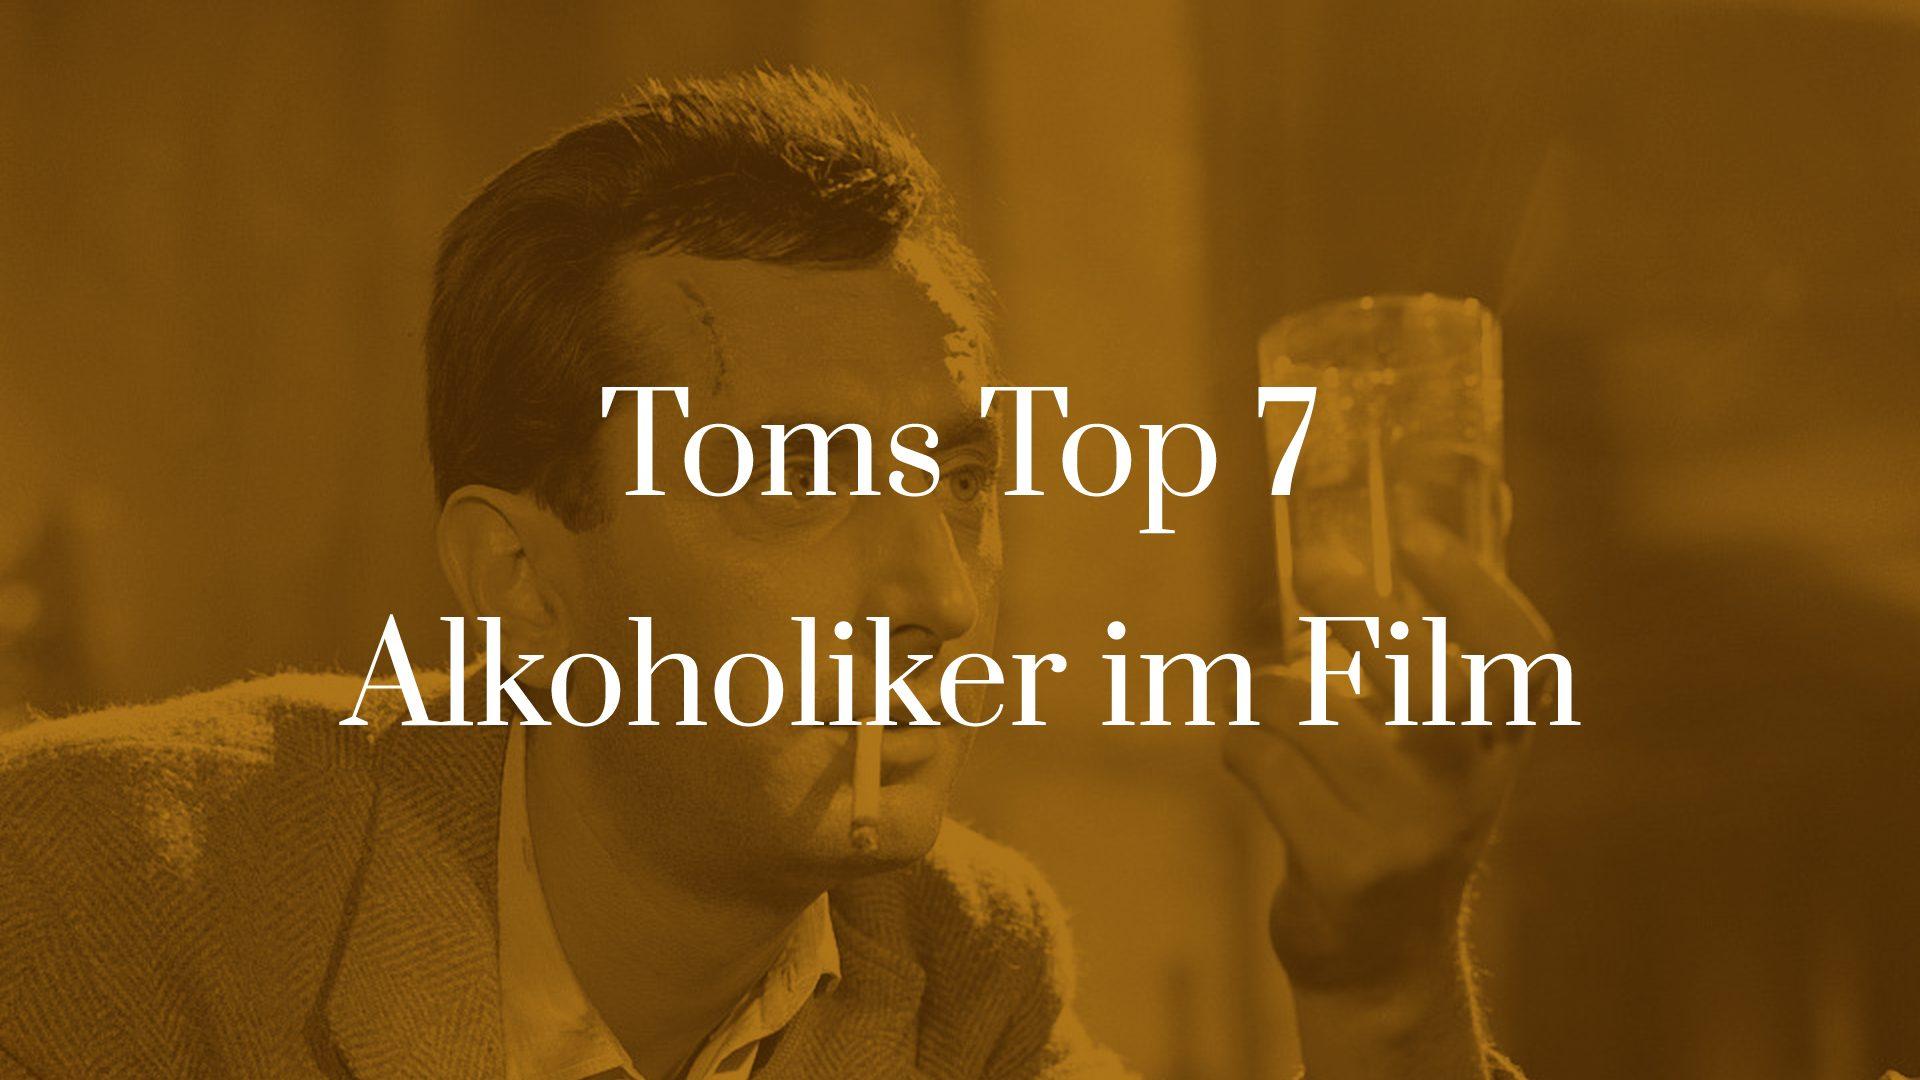 Titelbild für TOMS TOP 7 Alkoholiker im Film